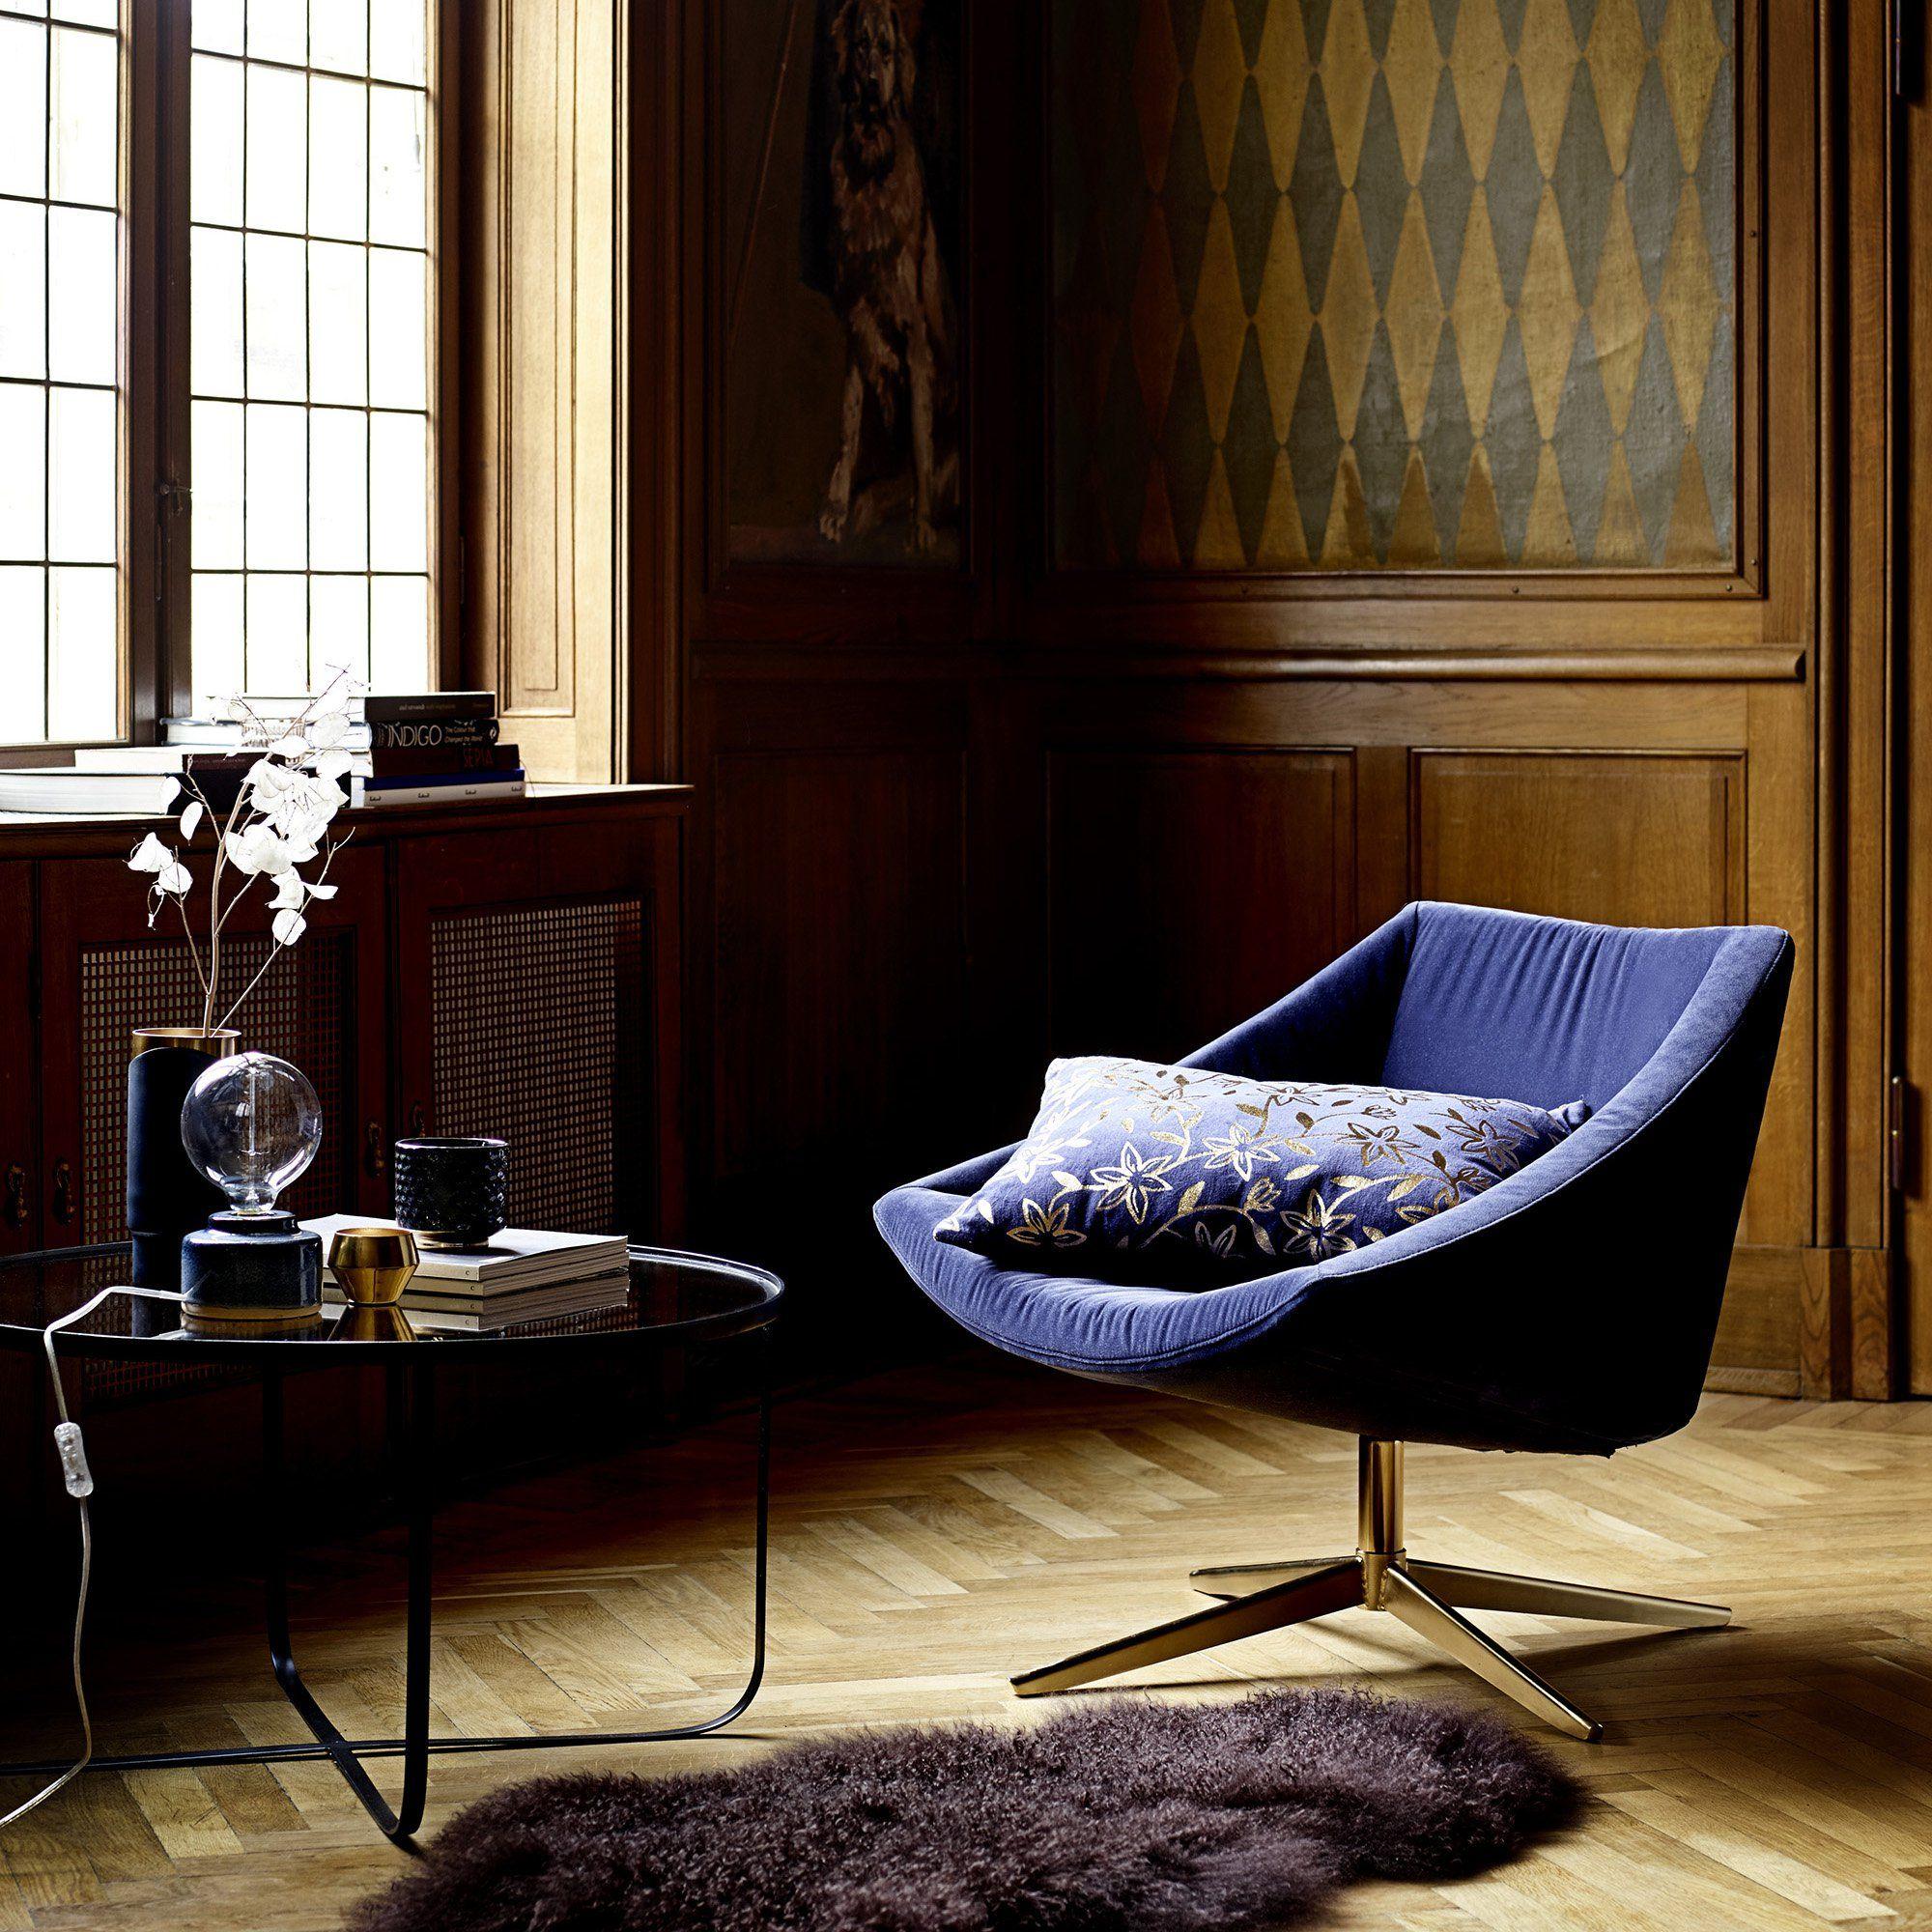 Un fauteuil en velours bleu avec pied en laiton doré dans un salon